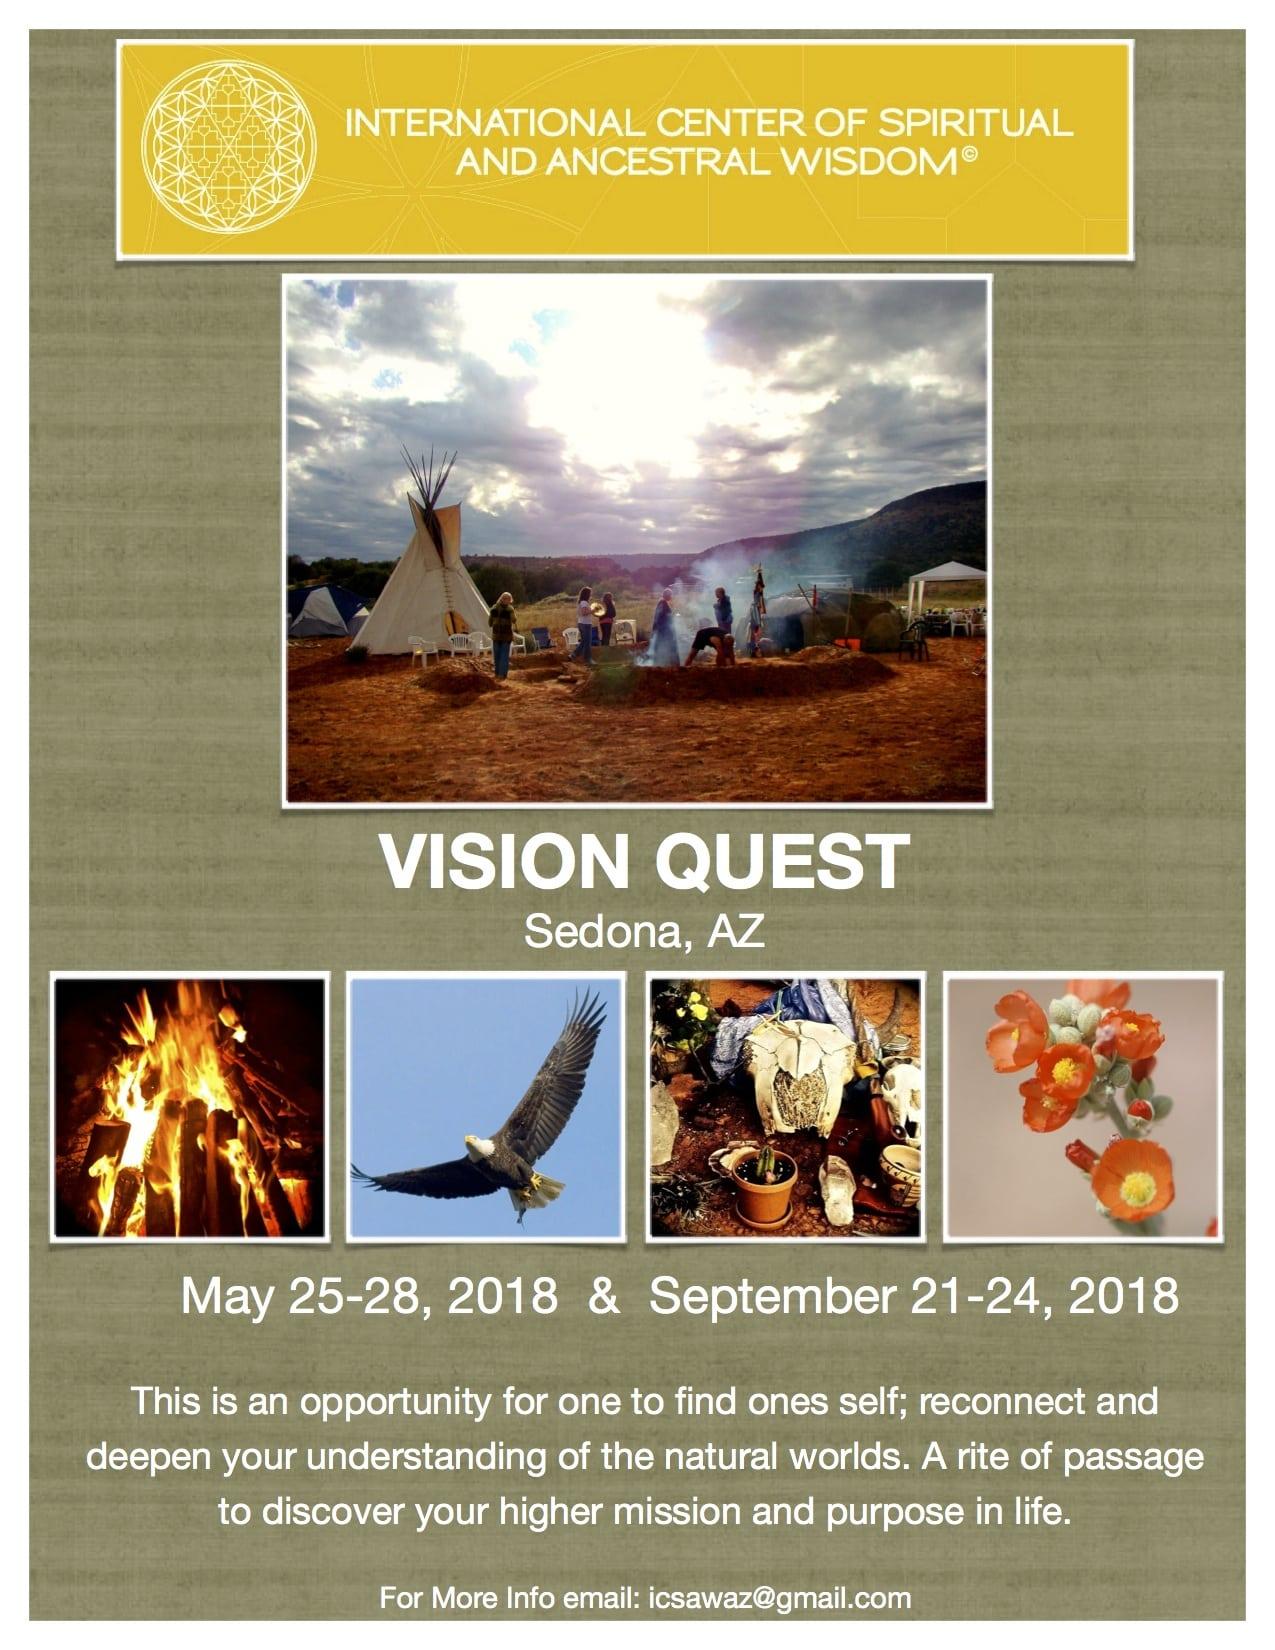 Vision Quest 2018 Flier